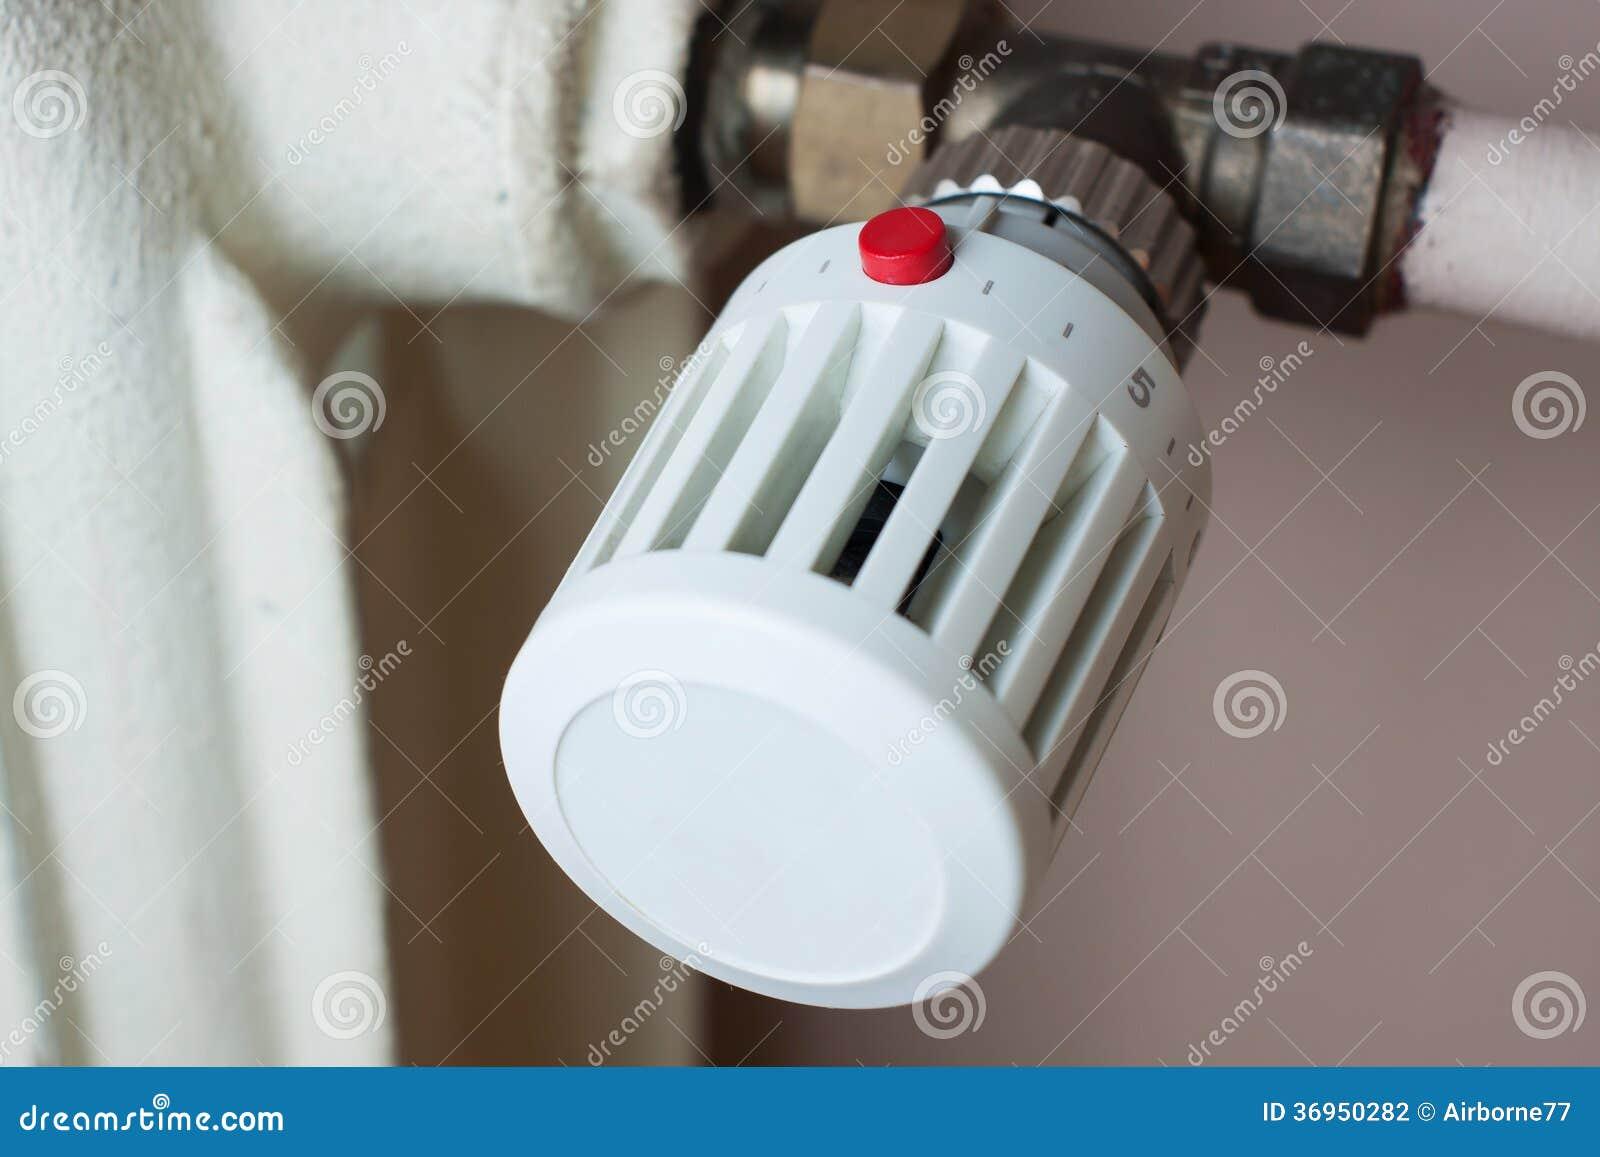 Θερμαντικό σώμα και θερμοστάτης